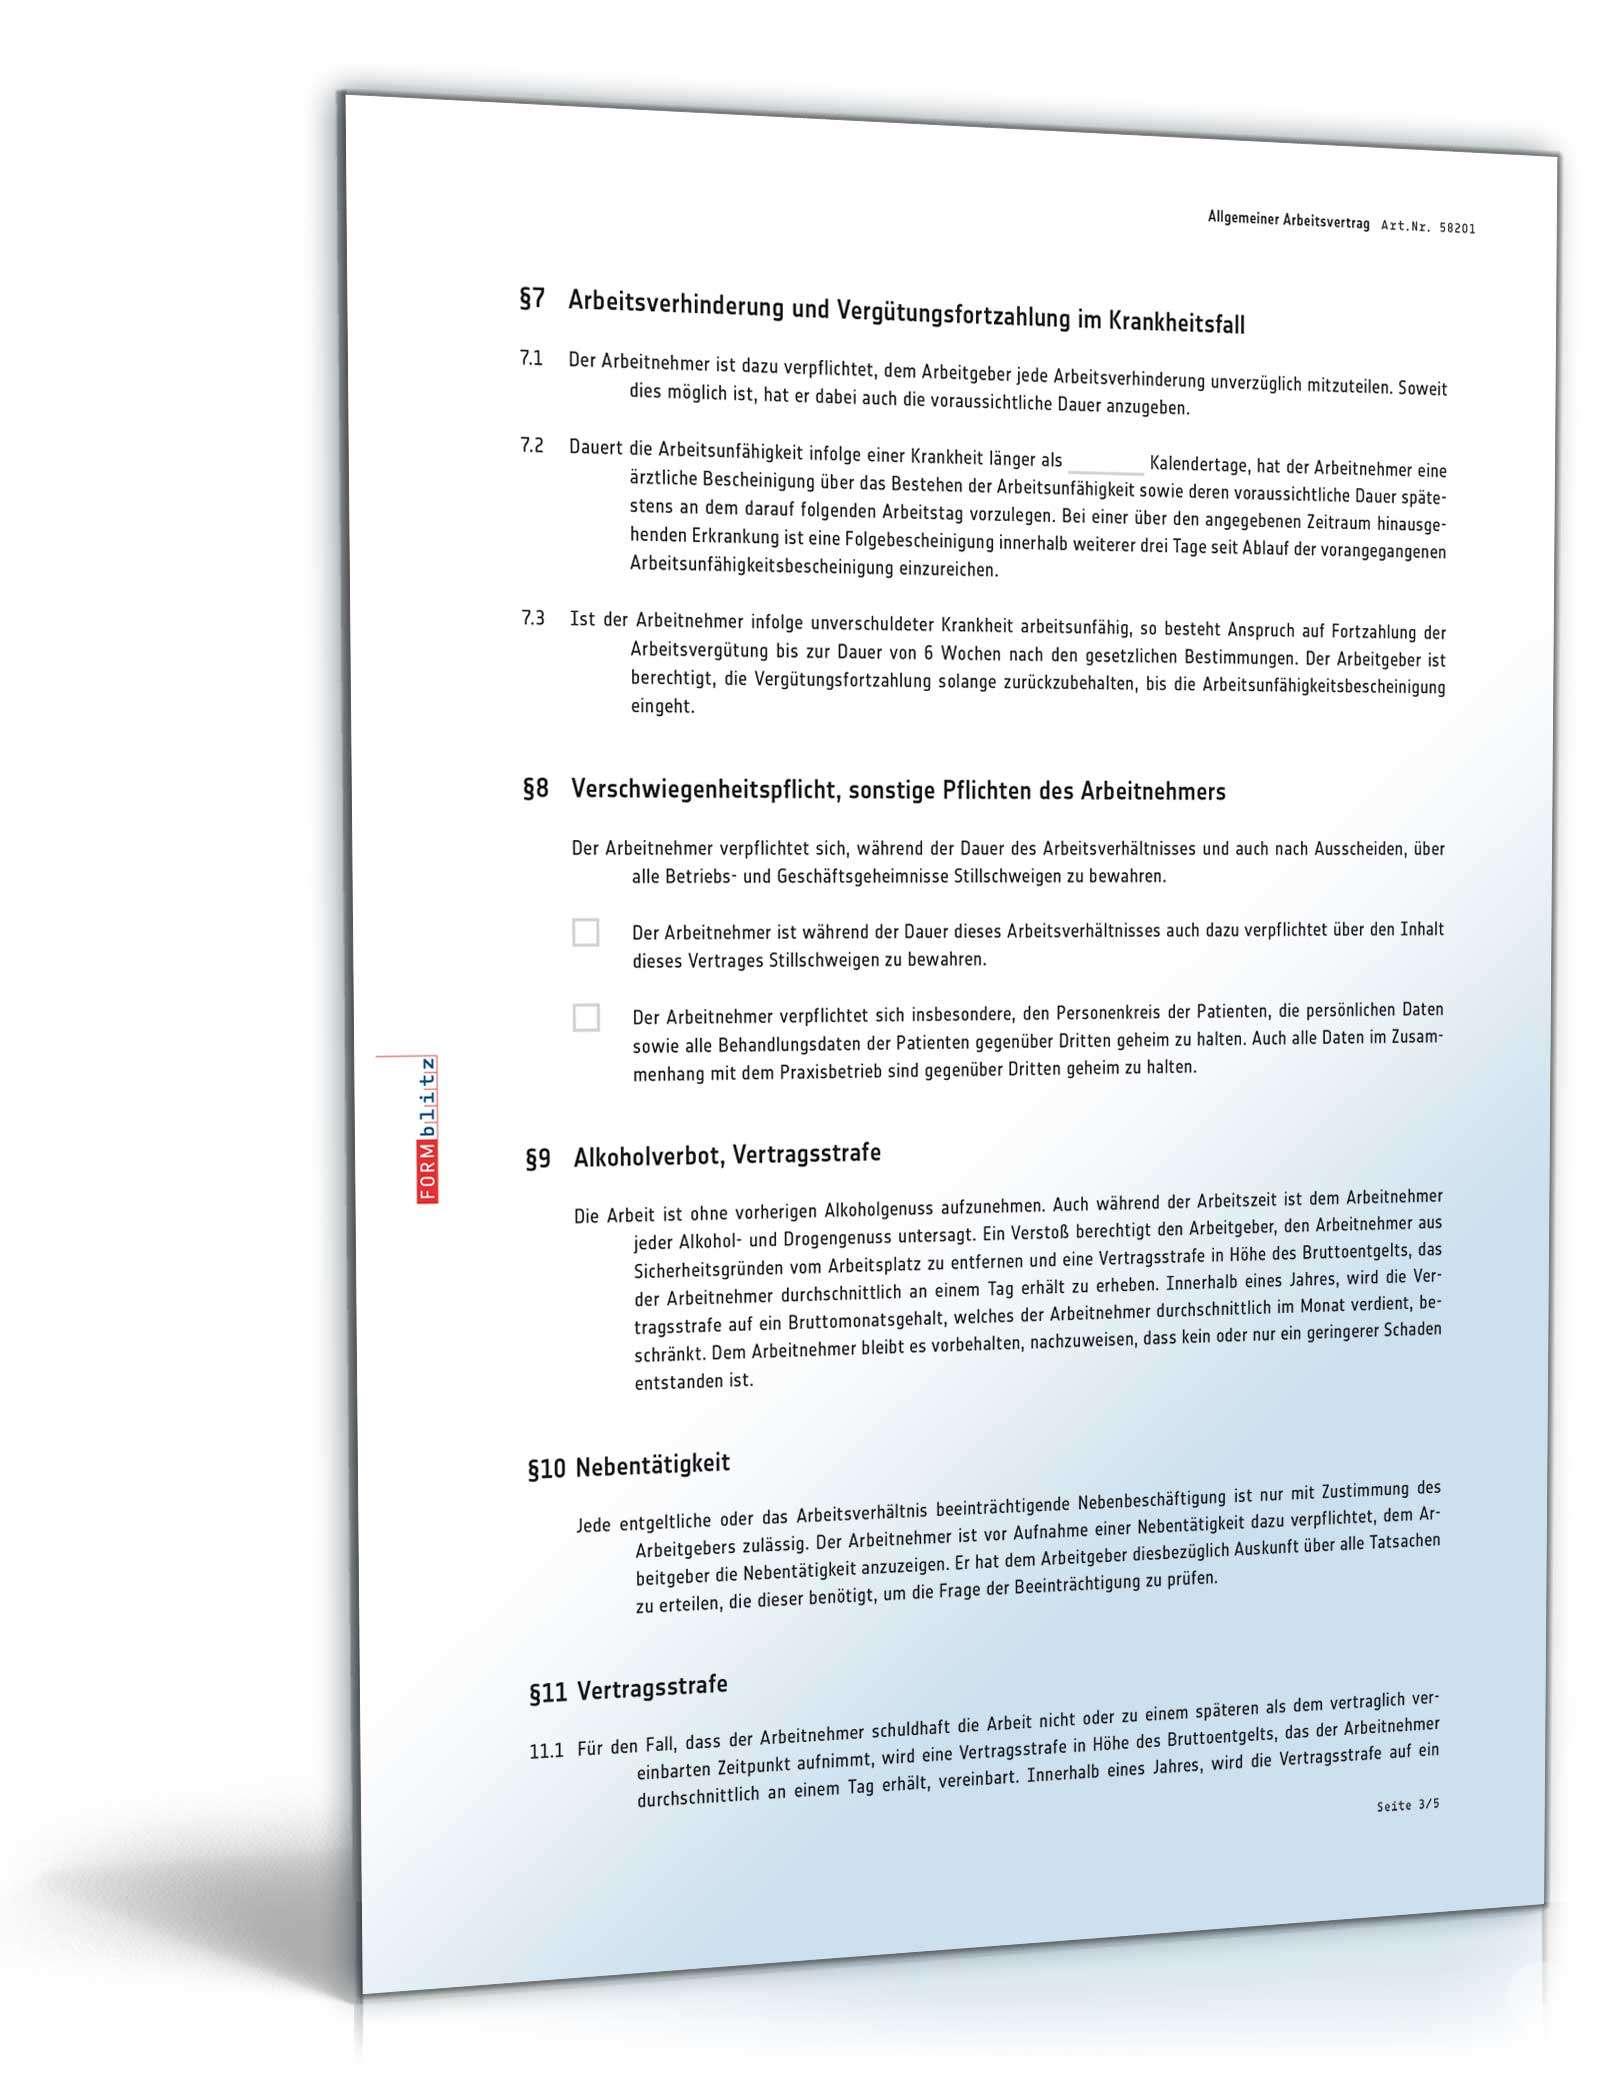 Arbeitsvertrag Mit Vertragsstrafe Muster Zum Download